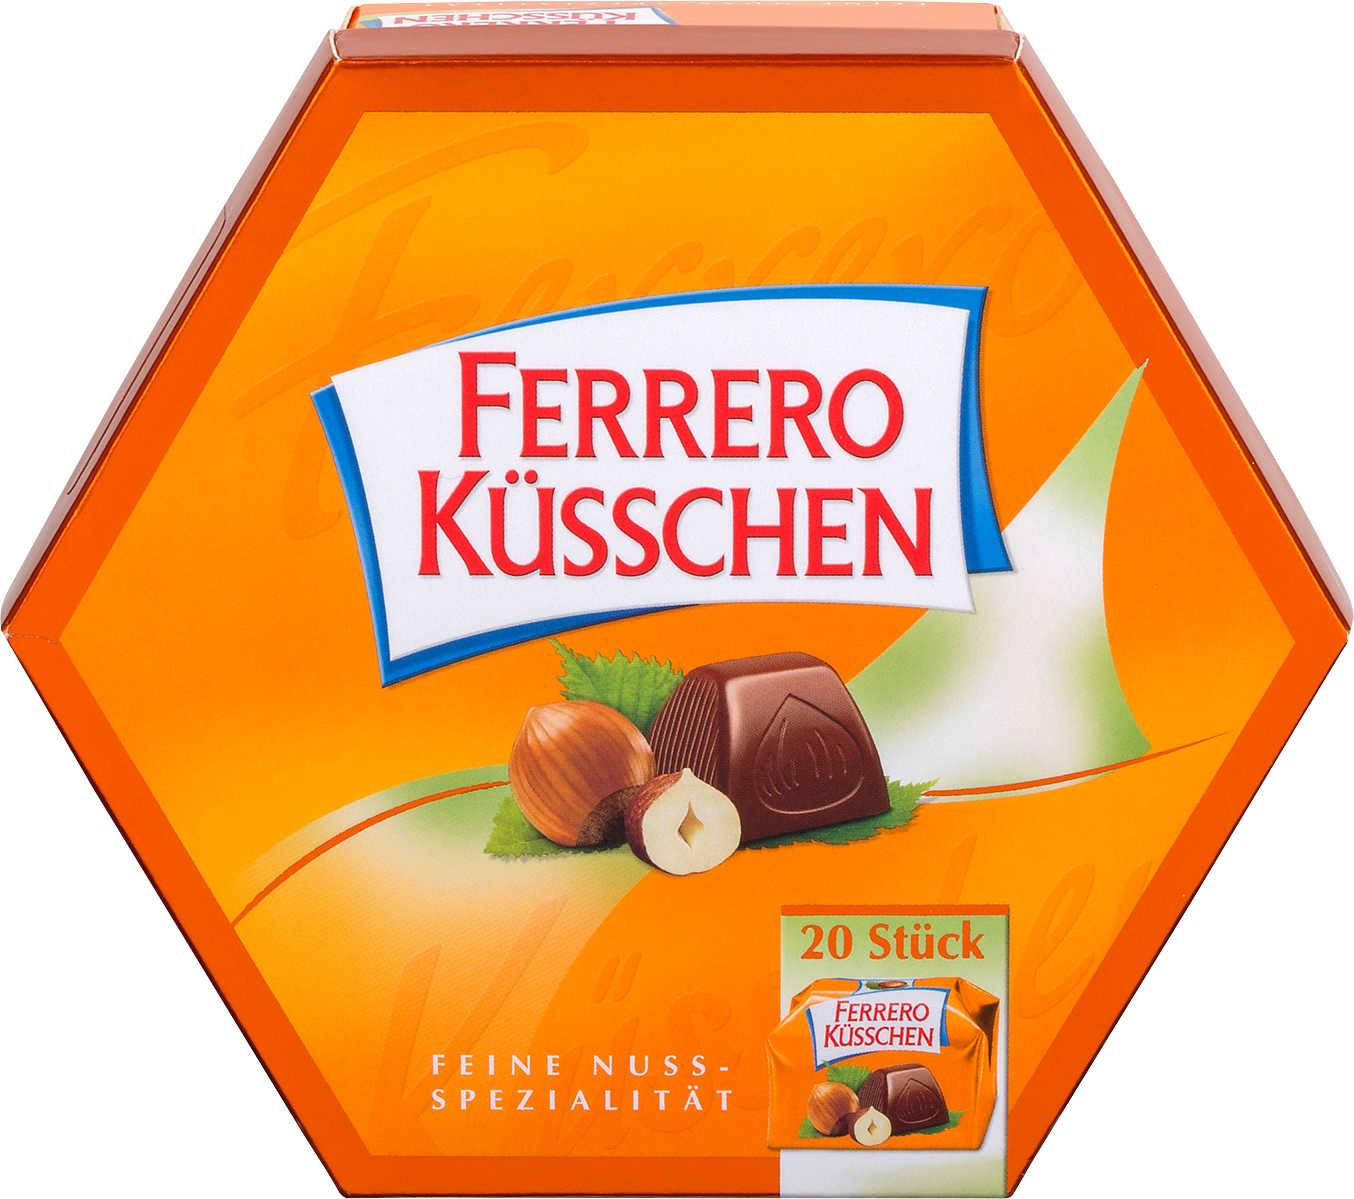 Ferrero Küsschen nur 1,99€ bei kaufland bundesweit